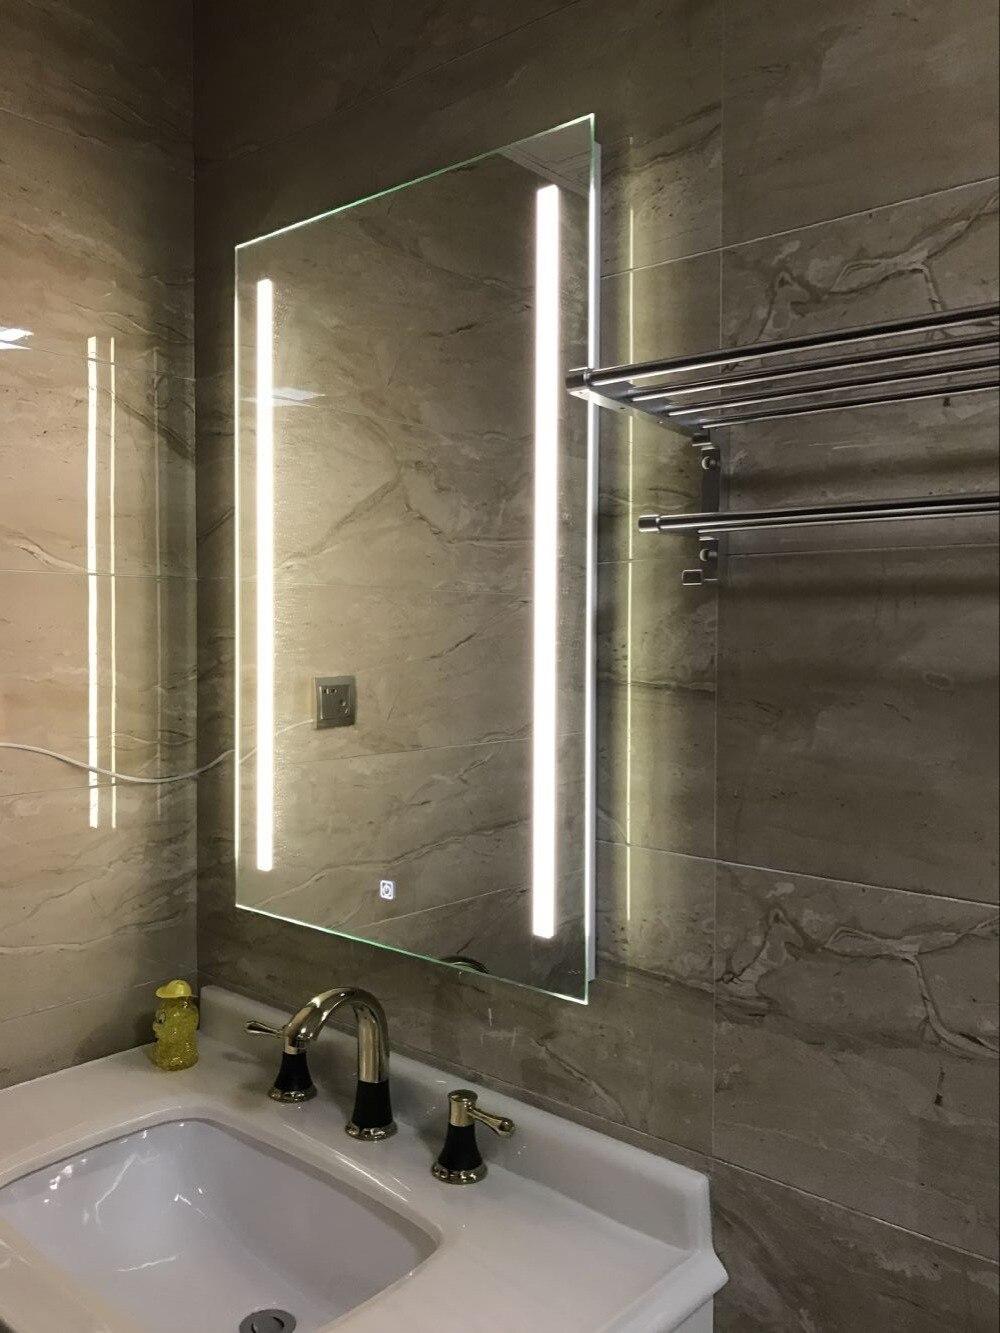 Specchio Angolare Per Bagno.Us 200 0 Impermeabile Montaggio A Parete Luci Led Illuminato Specchio Da Bagno Vanity Defogger 2 Verticale Rettangolare Tocco Di Luce Specchio Da